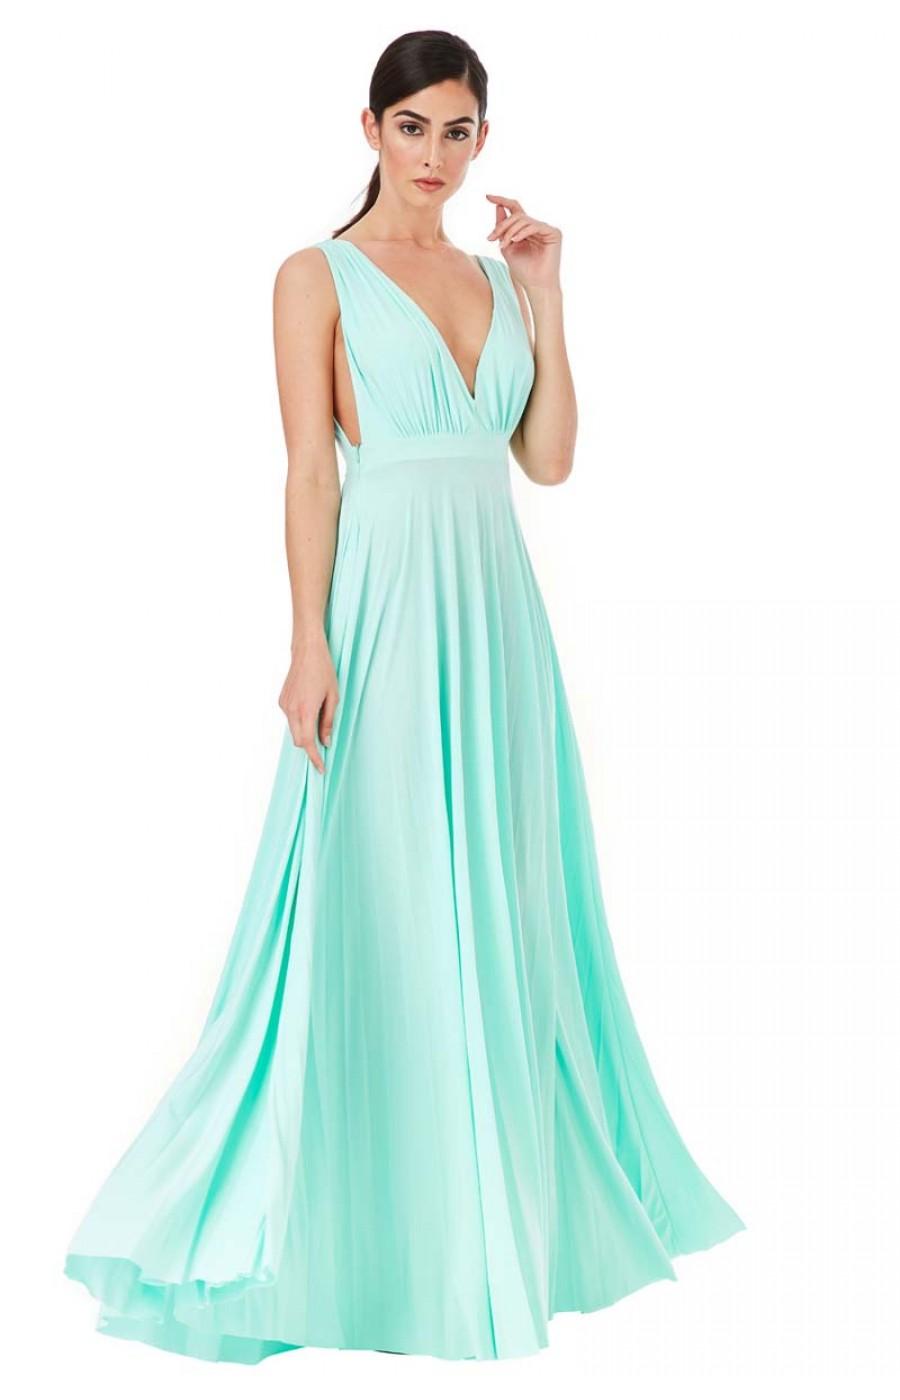 Χυτό μακρύ φόρεμα στο χρώμα της μεντας